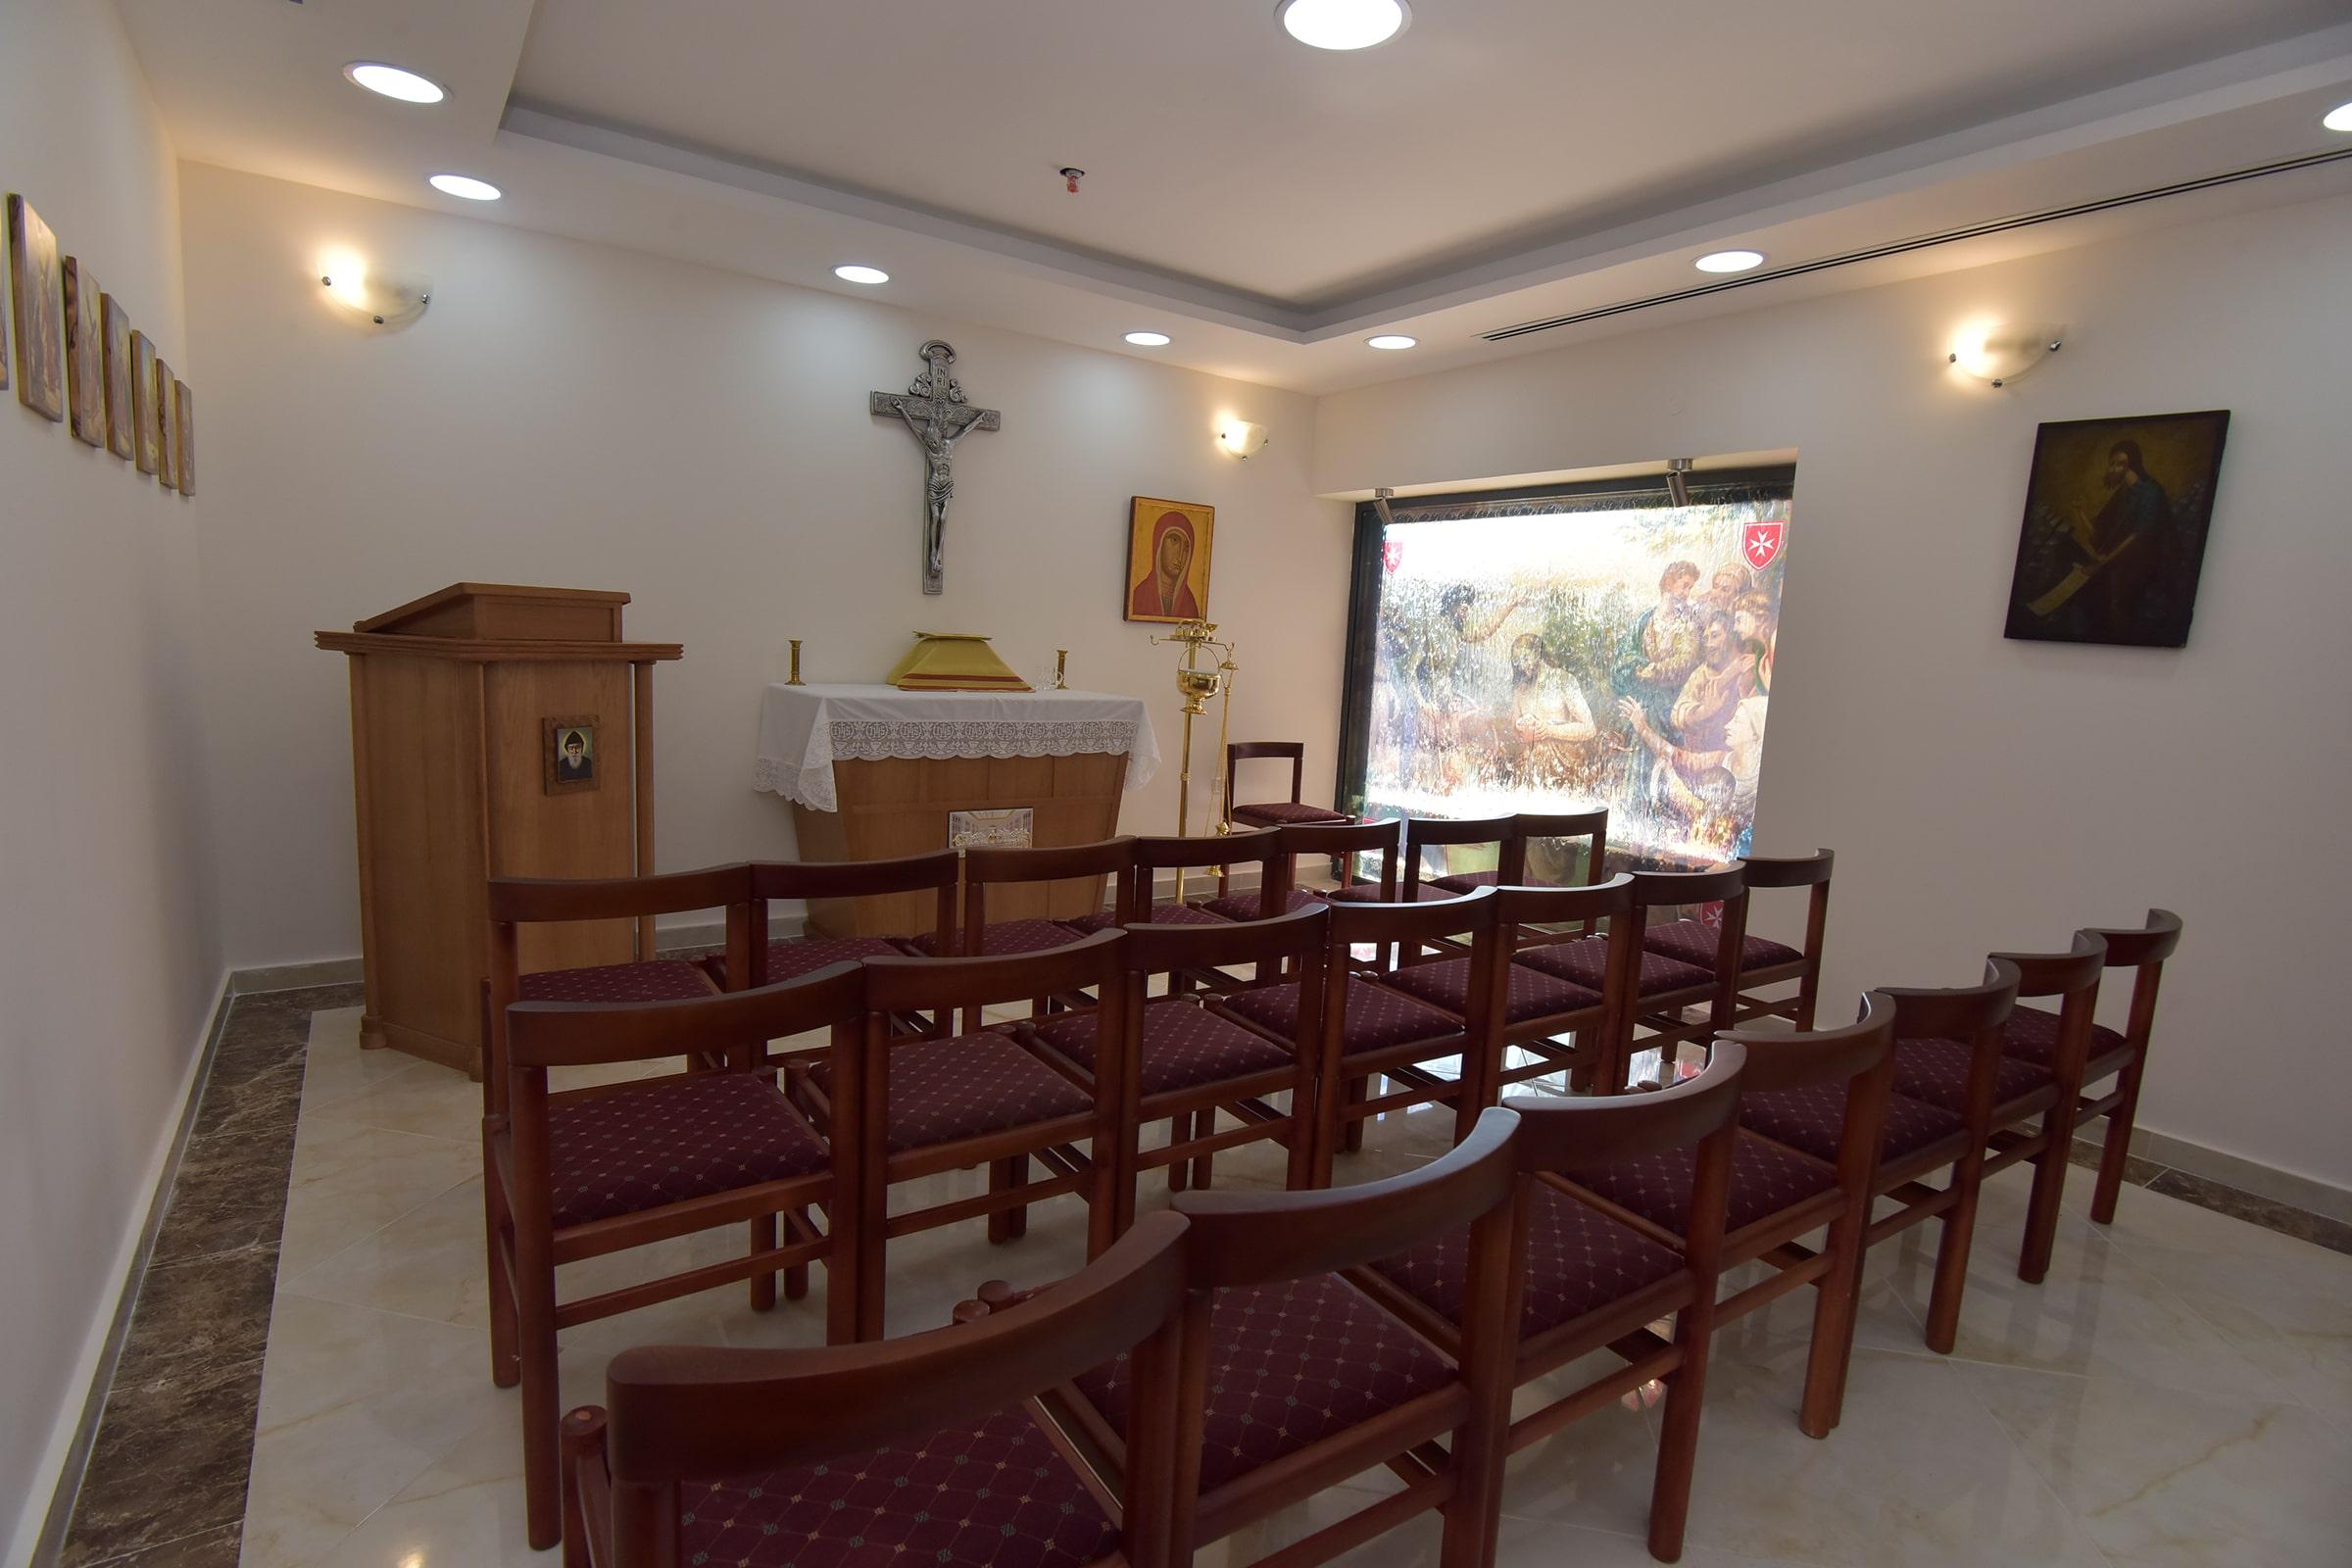 new church 1-min